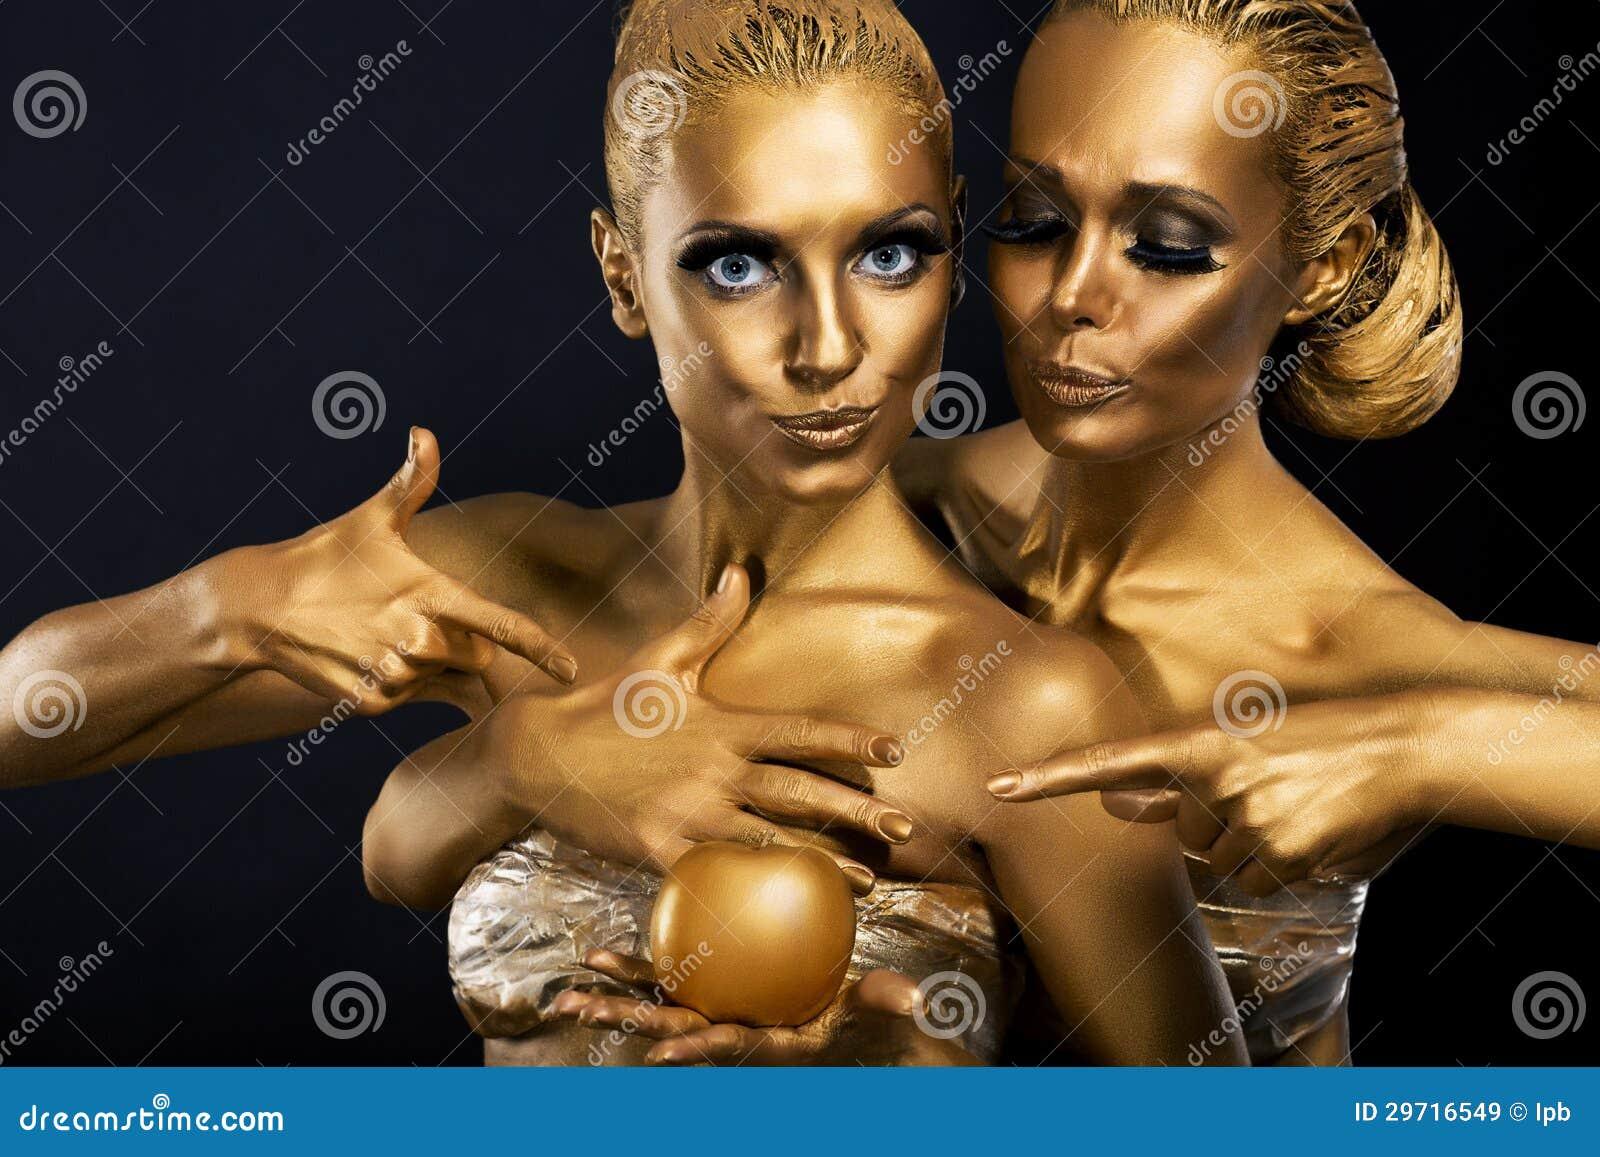 vrouwen van plezier sexcam nederland